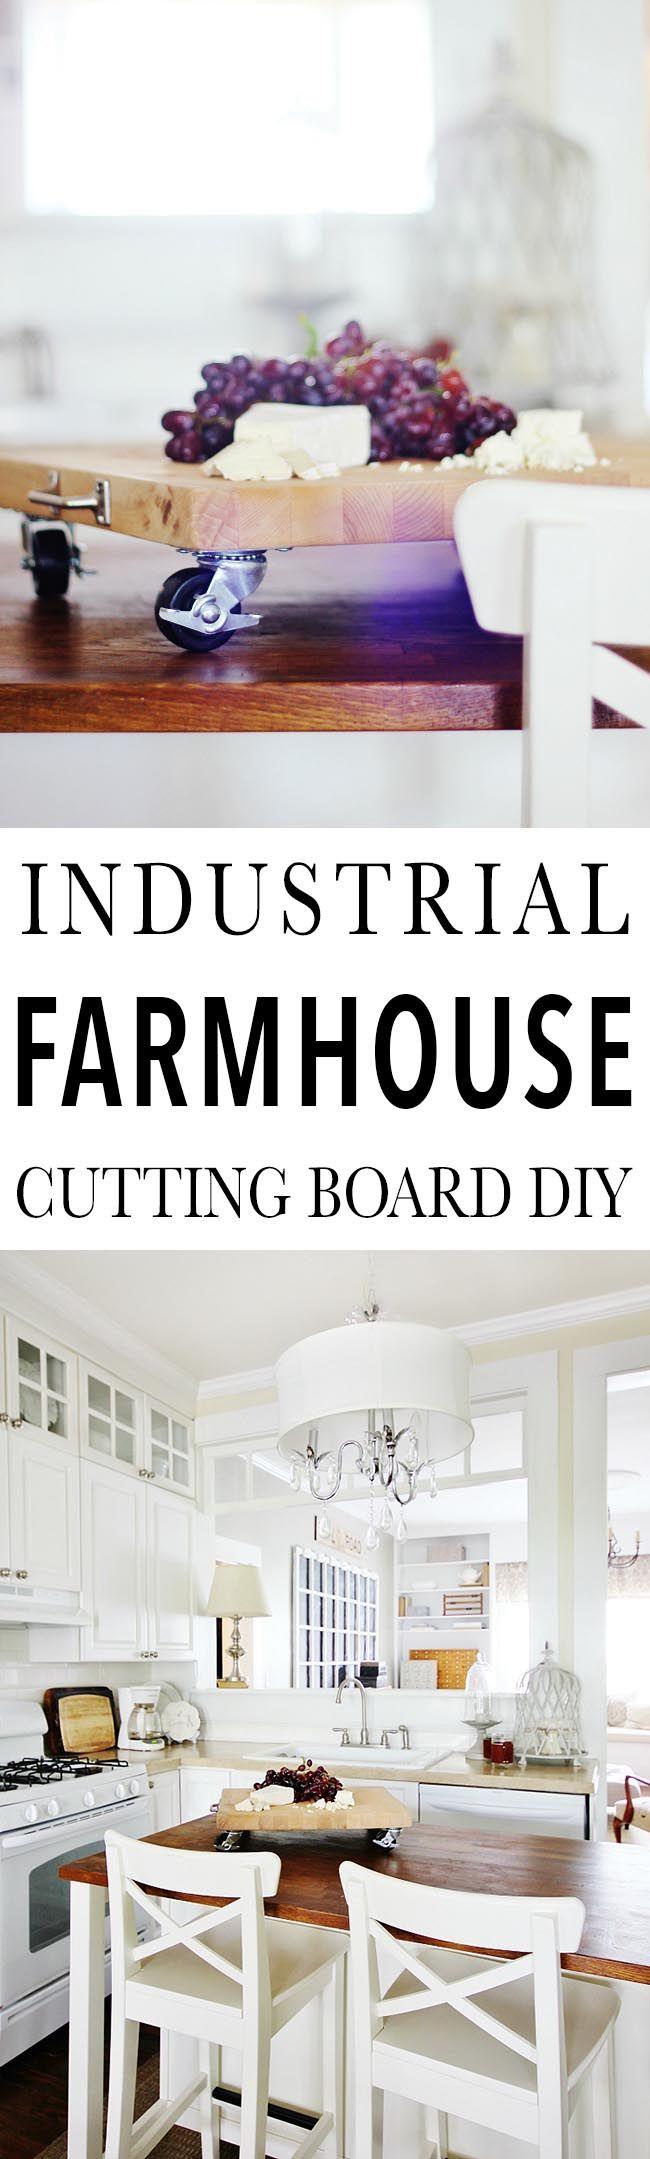 Industrial Farmhouse Cutting Board DIY (and a Brilliant Idea)